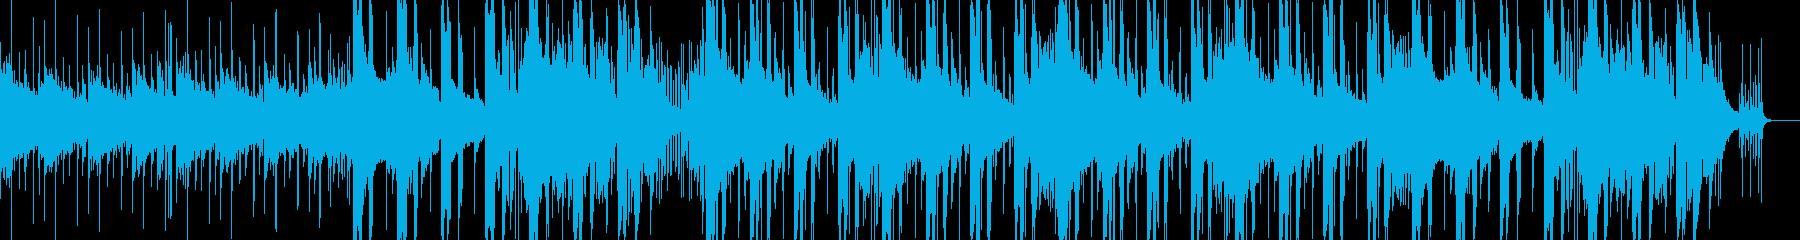 穏やかなブレイクビーツの再生済みの波形